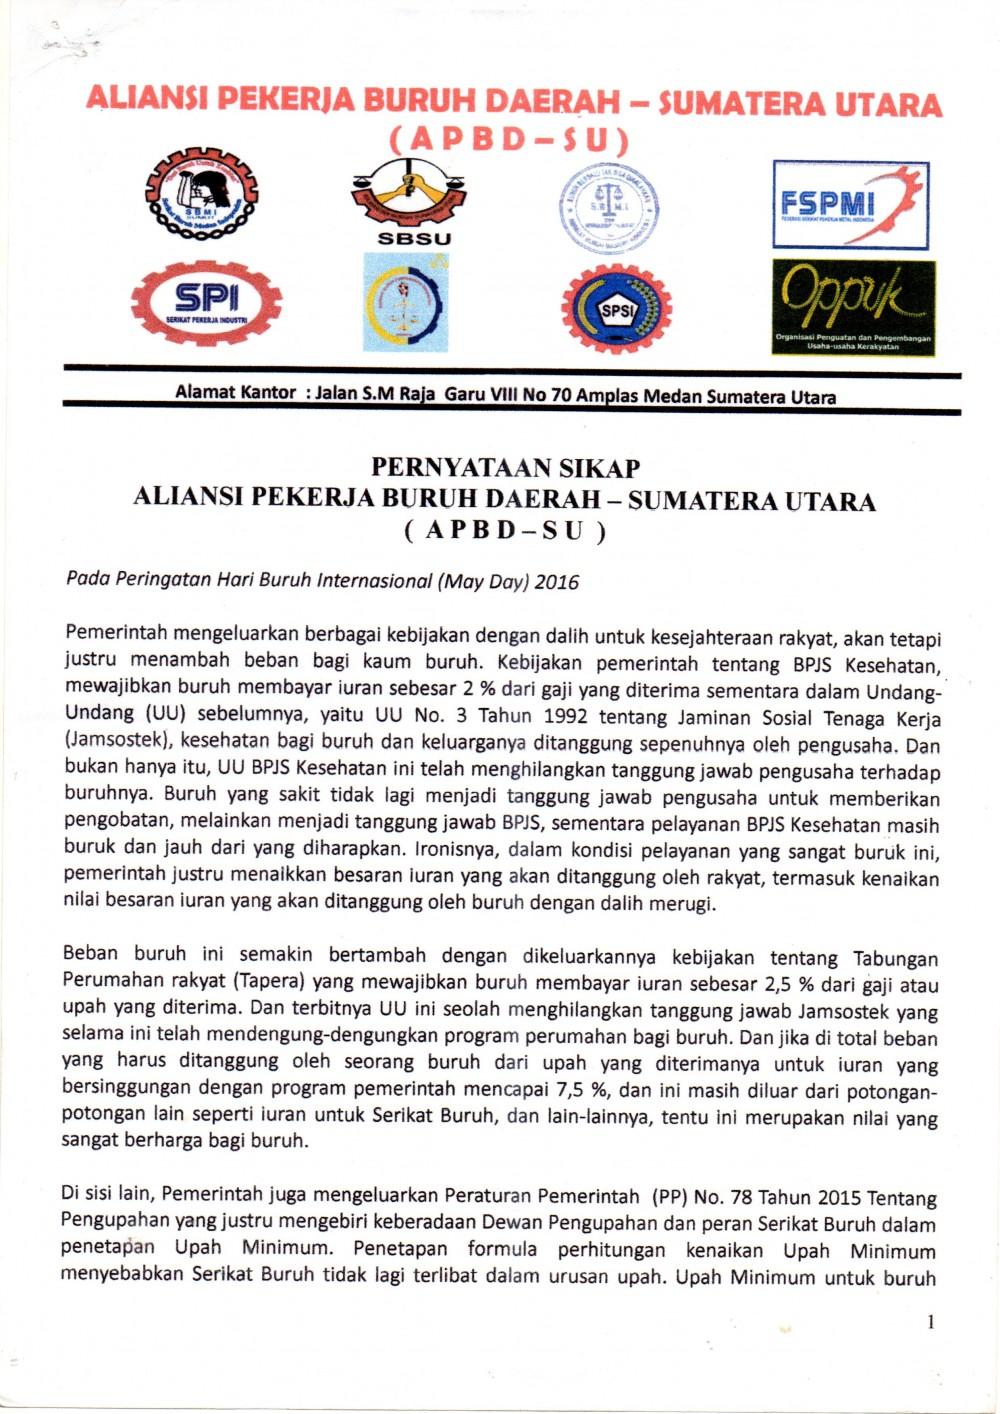 statement-1